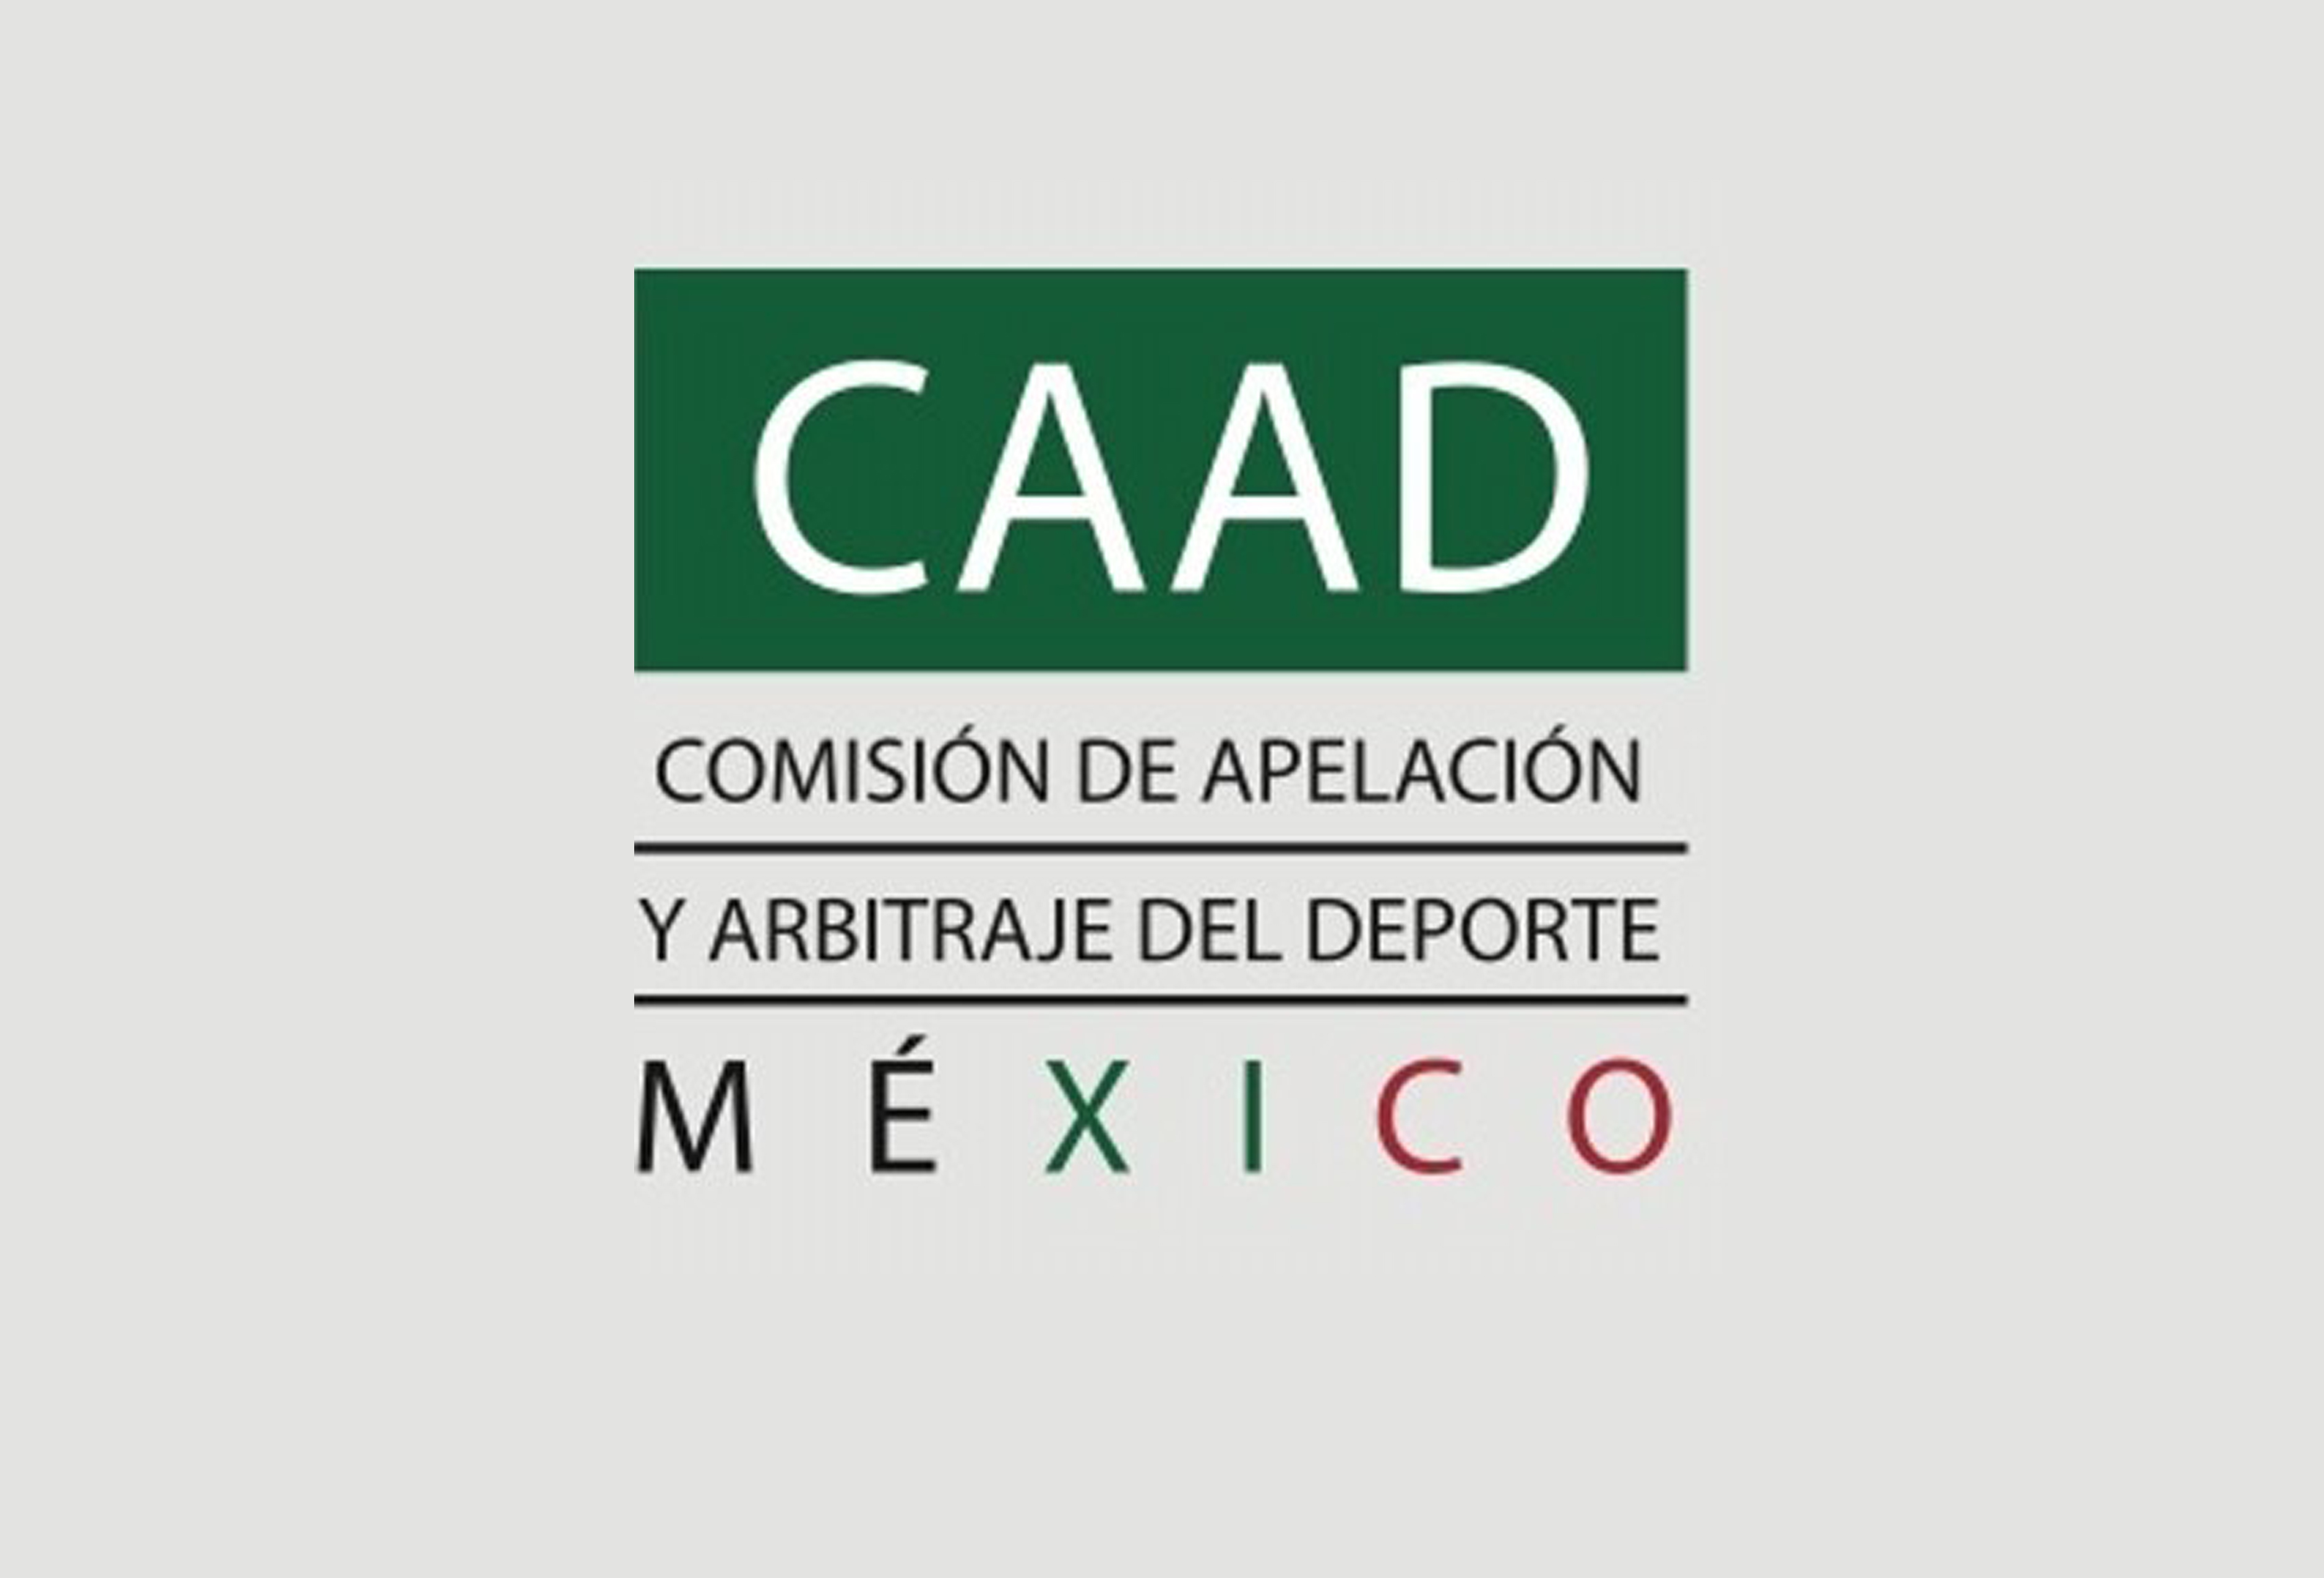 Logotipo de la CAAD